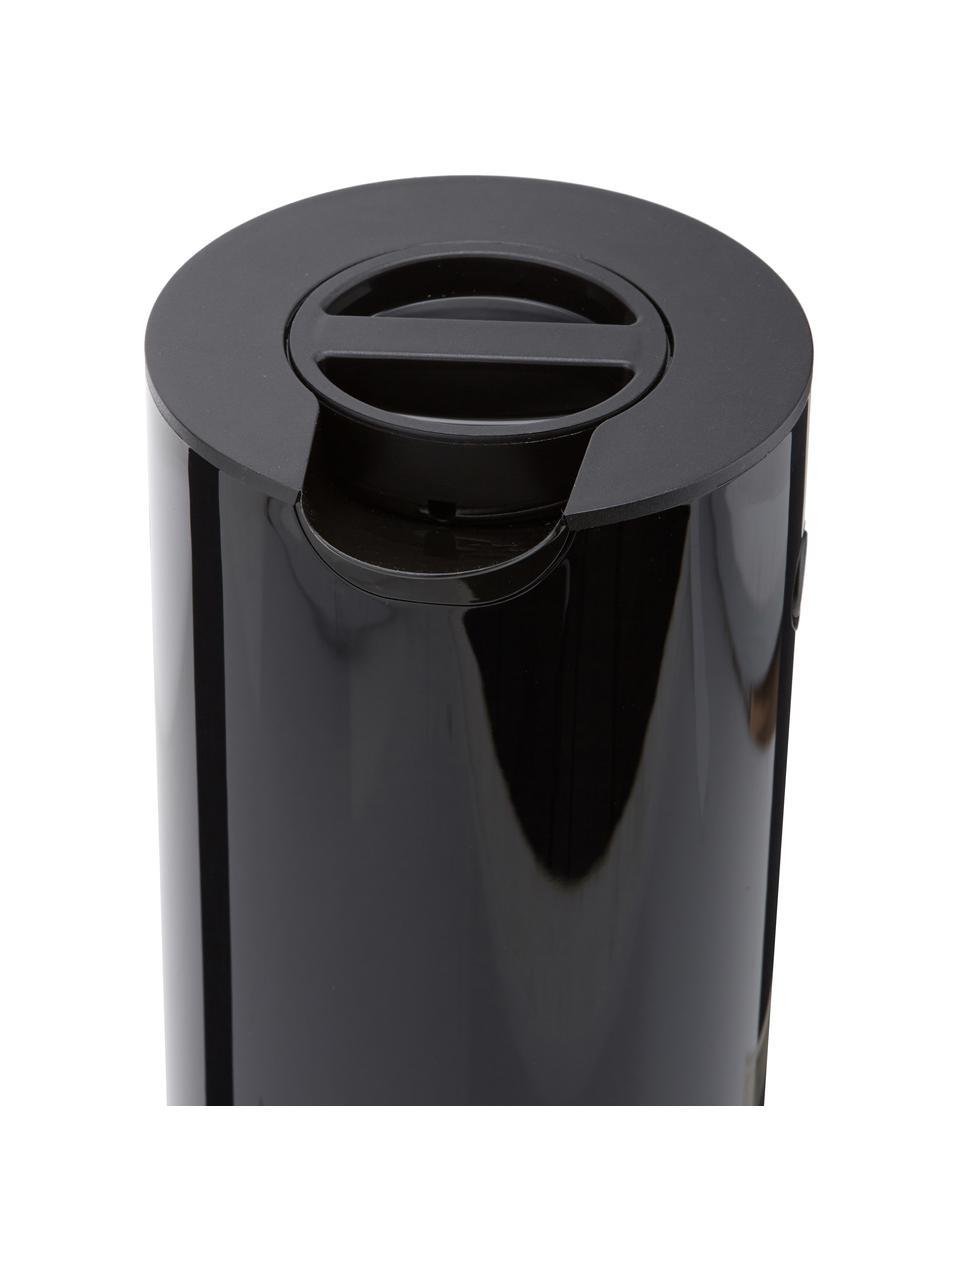 Isolierkanne EM77 in Schwarz glänzend, 1 L, ABS-Kunststoff, im Inneren mit Glaseinsatz, Schwarz, 1 L